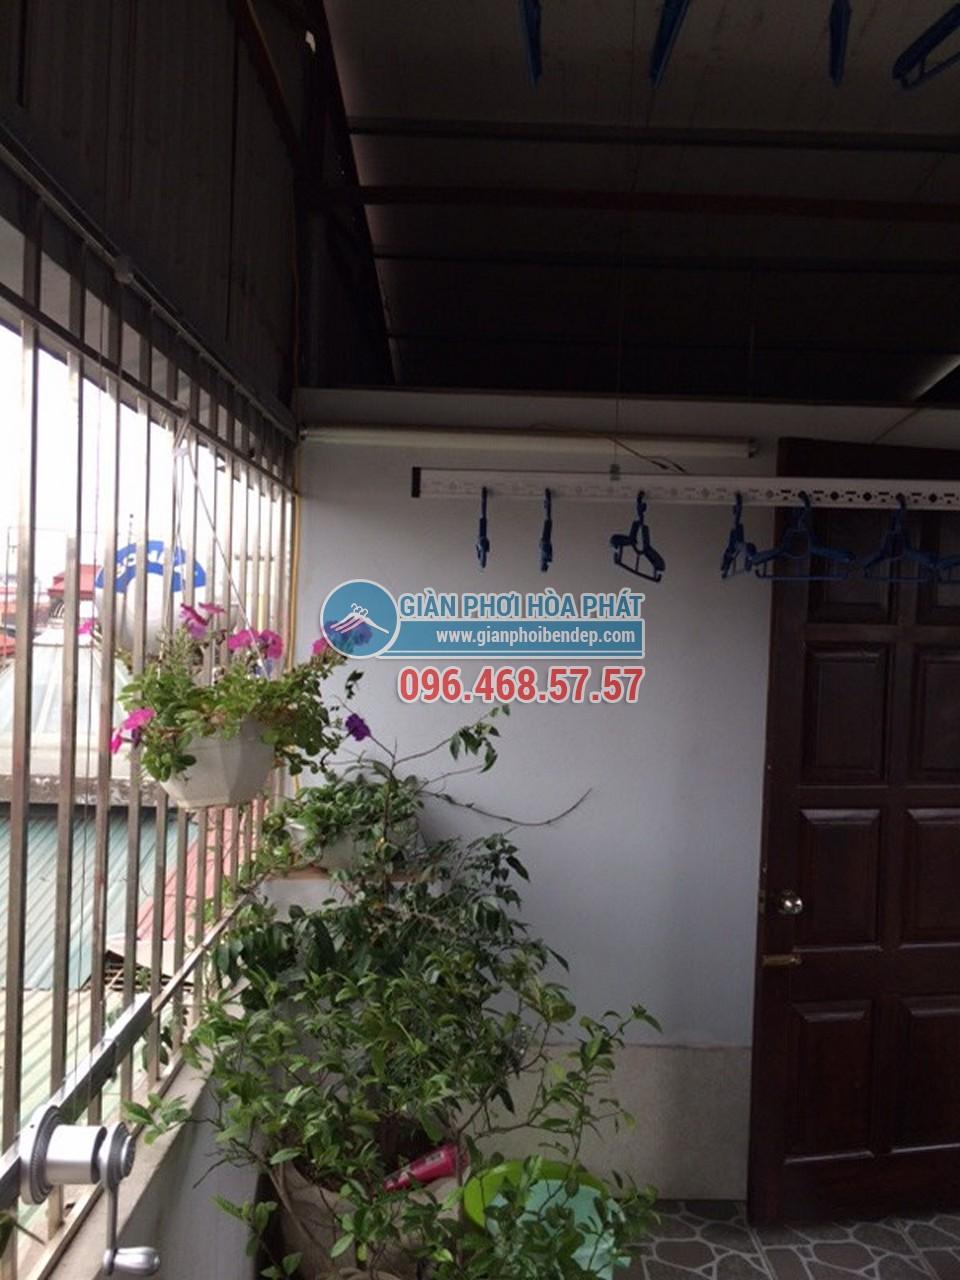 Sân phơi đẹp hiện đại nhờ lắp đặt giàn phơi thông minh nhà chị Hiền, ngõ 103 Thanh Nhàn - 06